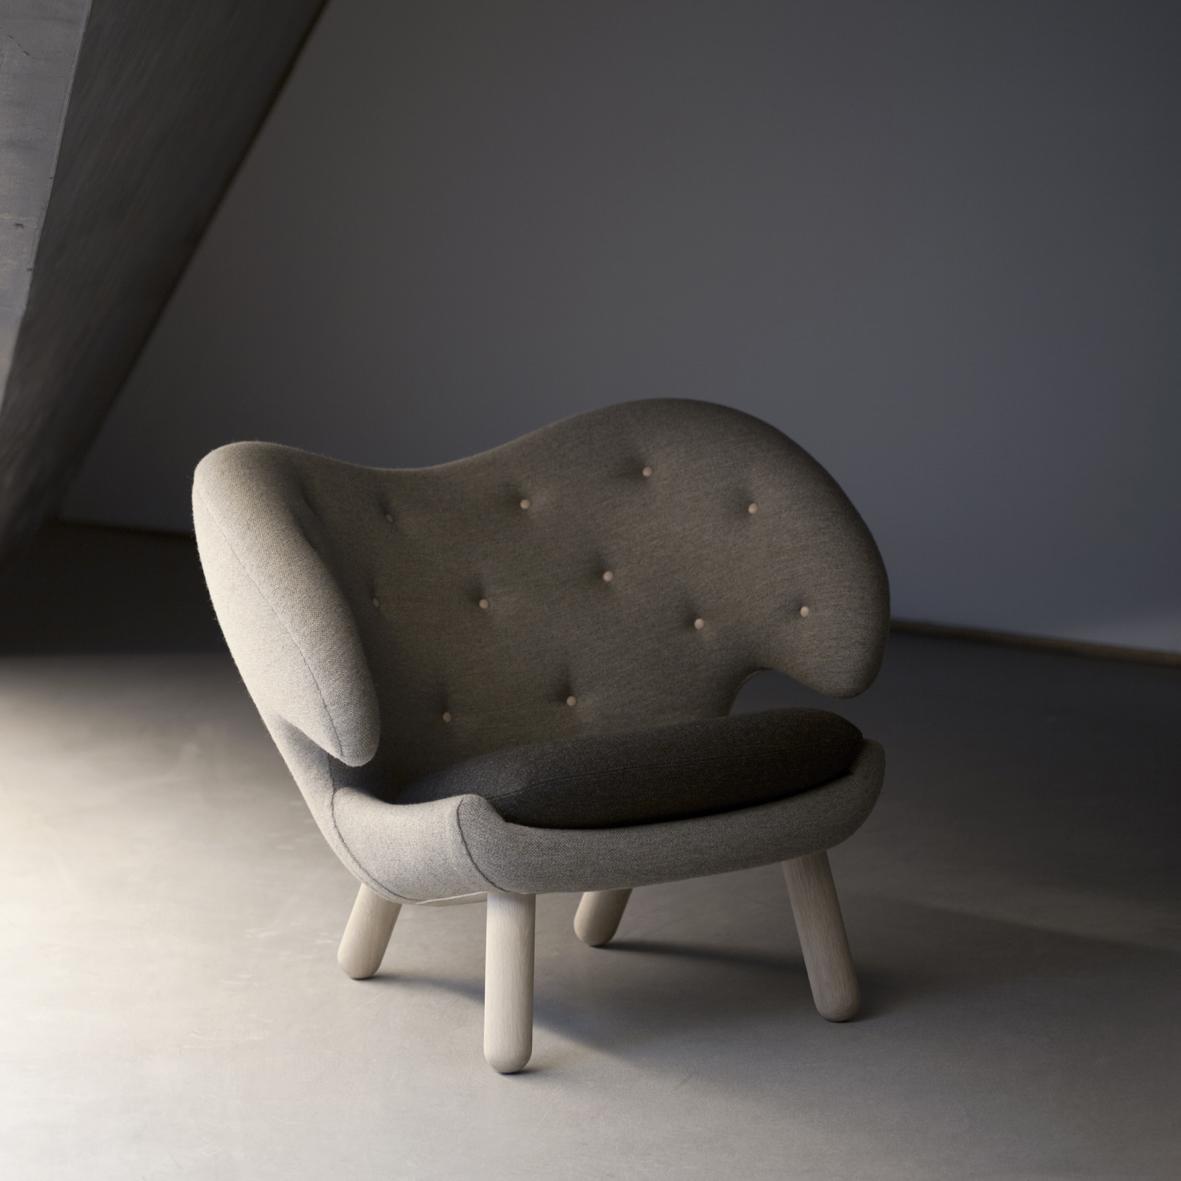 silla de diseño danes en color gris